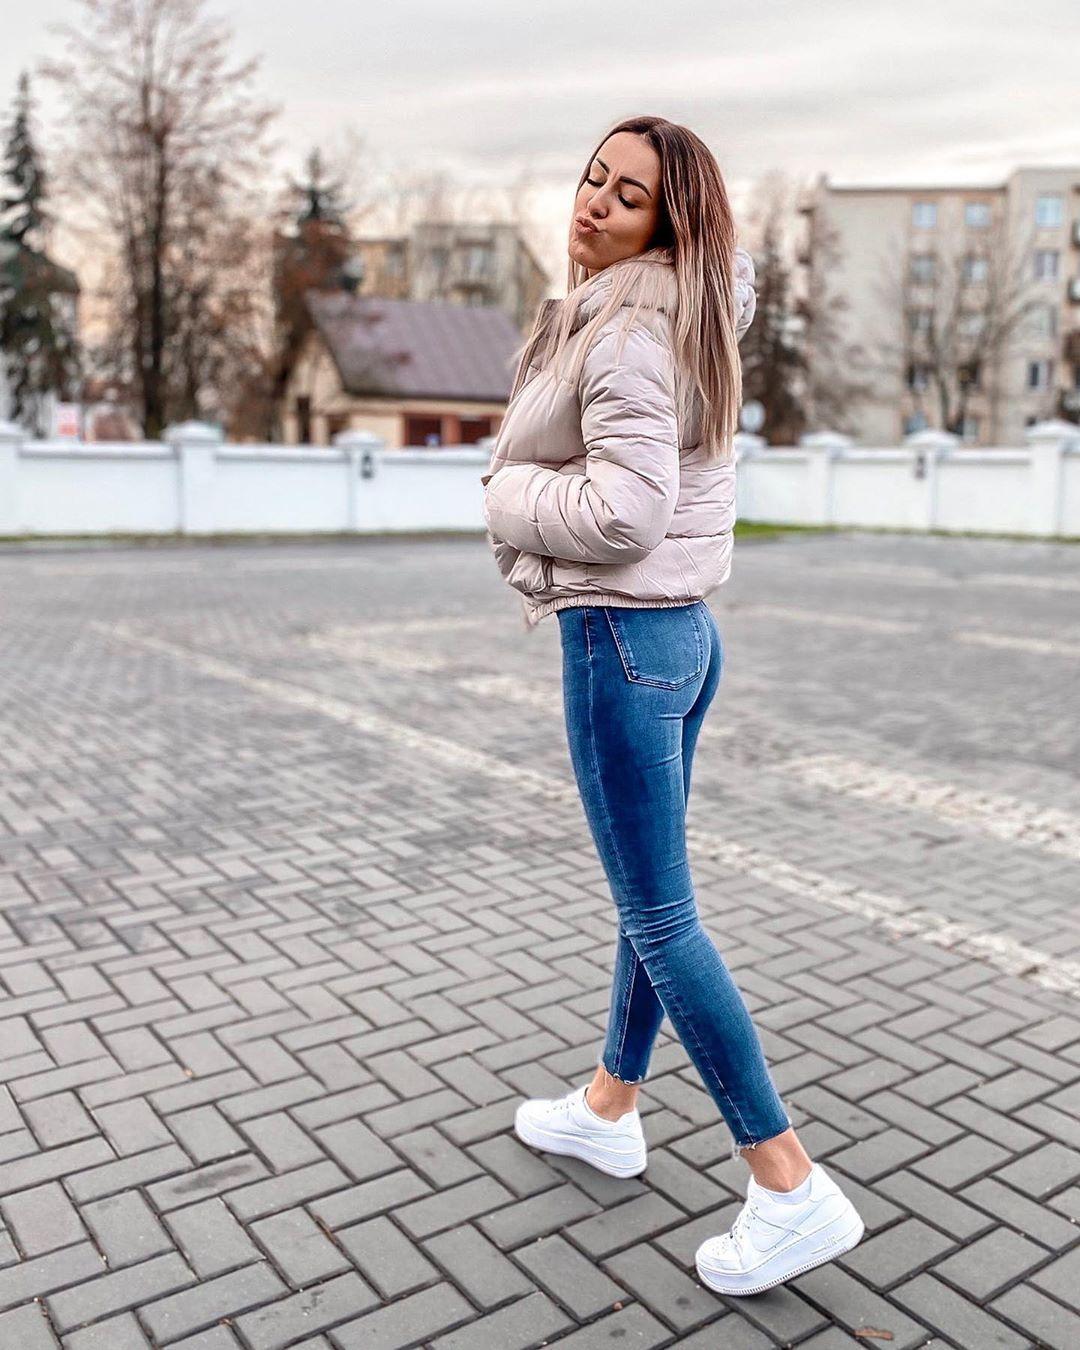 1 837 Aprecieri 38 Comentarii Aga Aerielka Pe Instagram Przygotowania Do Wigilijnej Kolacji Trwaja Ale Nie U Wszystkich Fashion Skinny Skinny Jeans